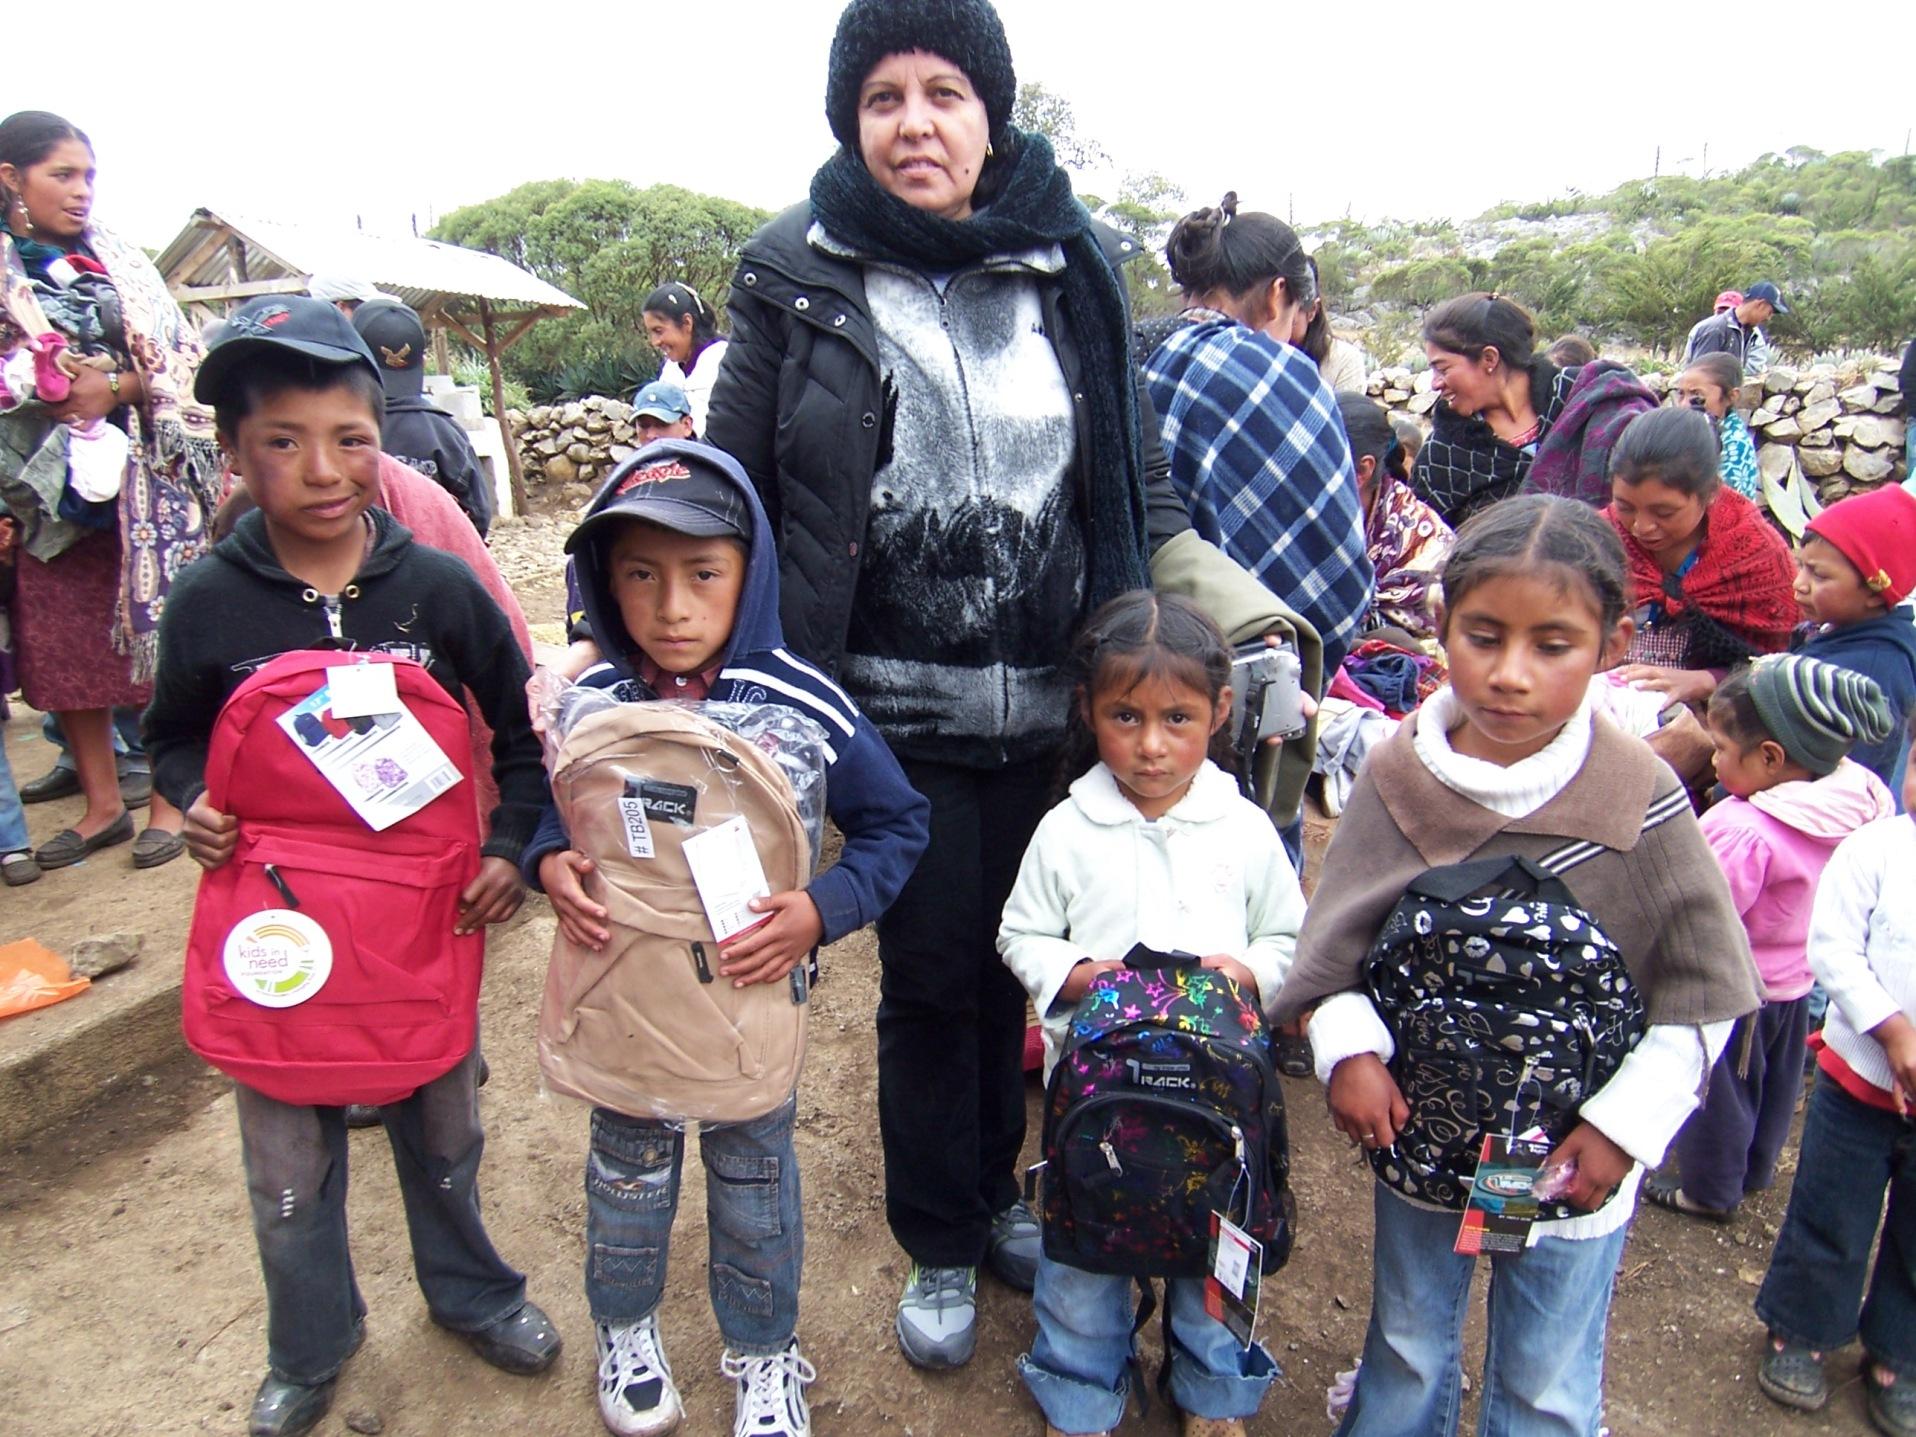 Pequeños de Huehuetenango recibieron mochilas y útiles escolares